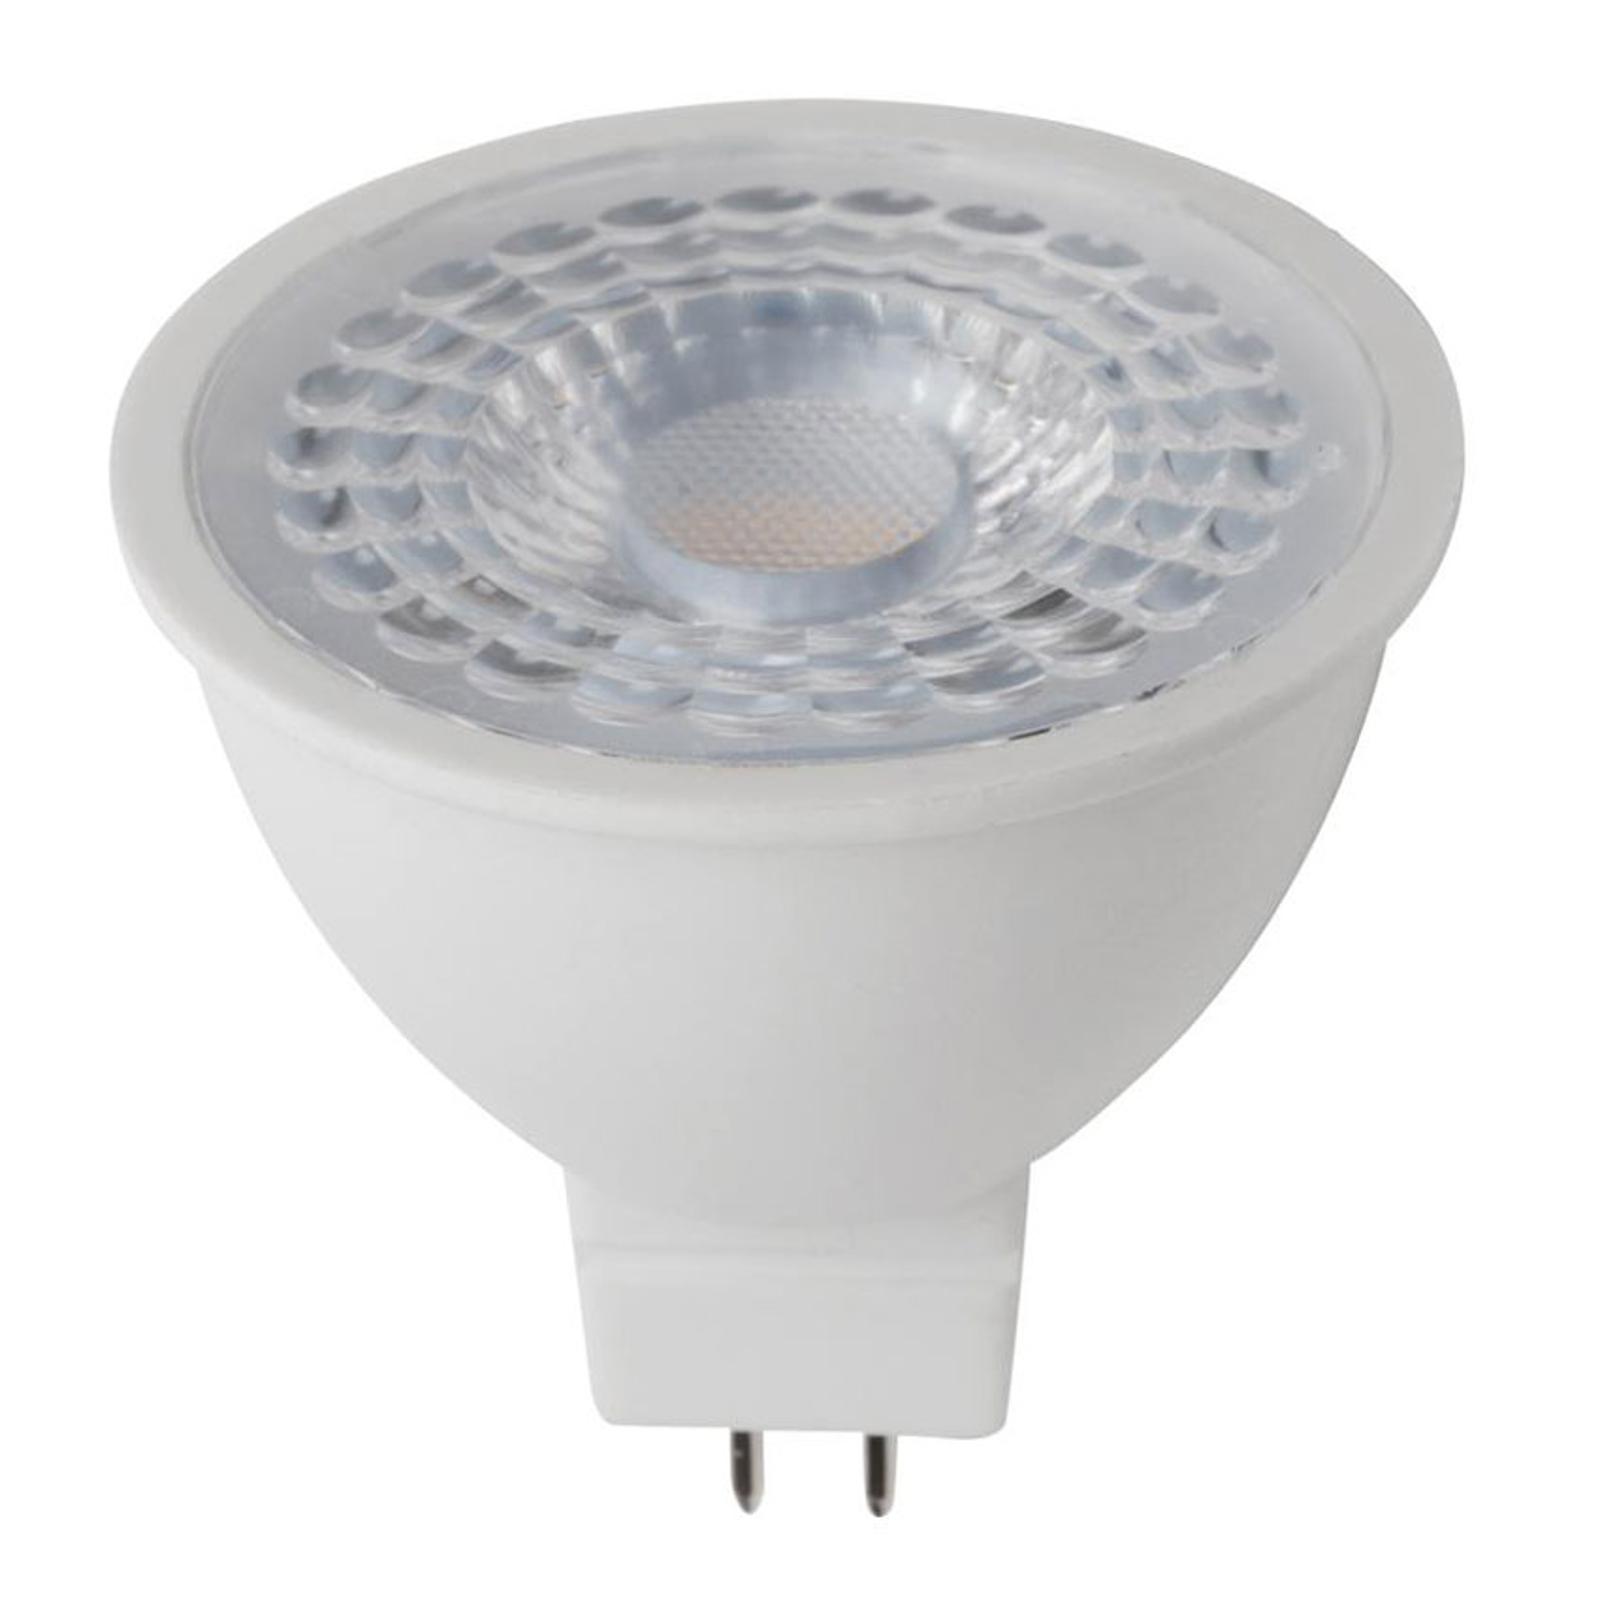 LED-Reflektor GU5,3 8W 36° warmweiß